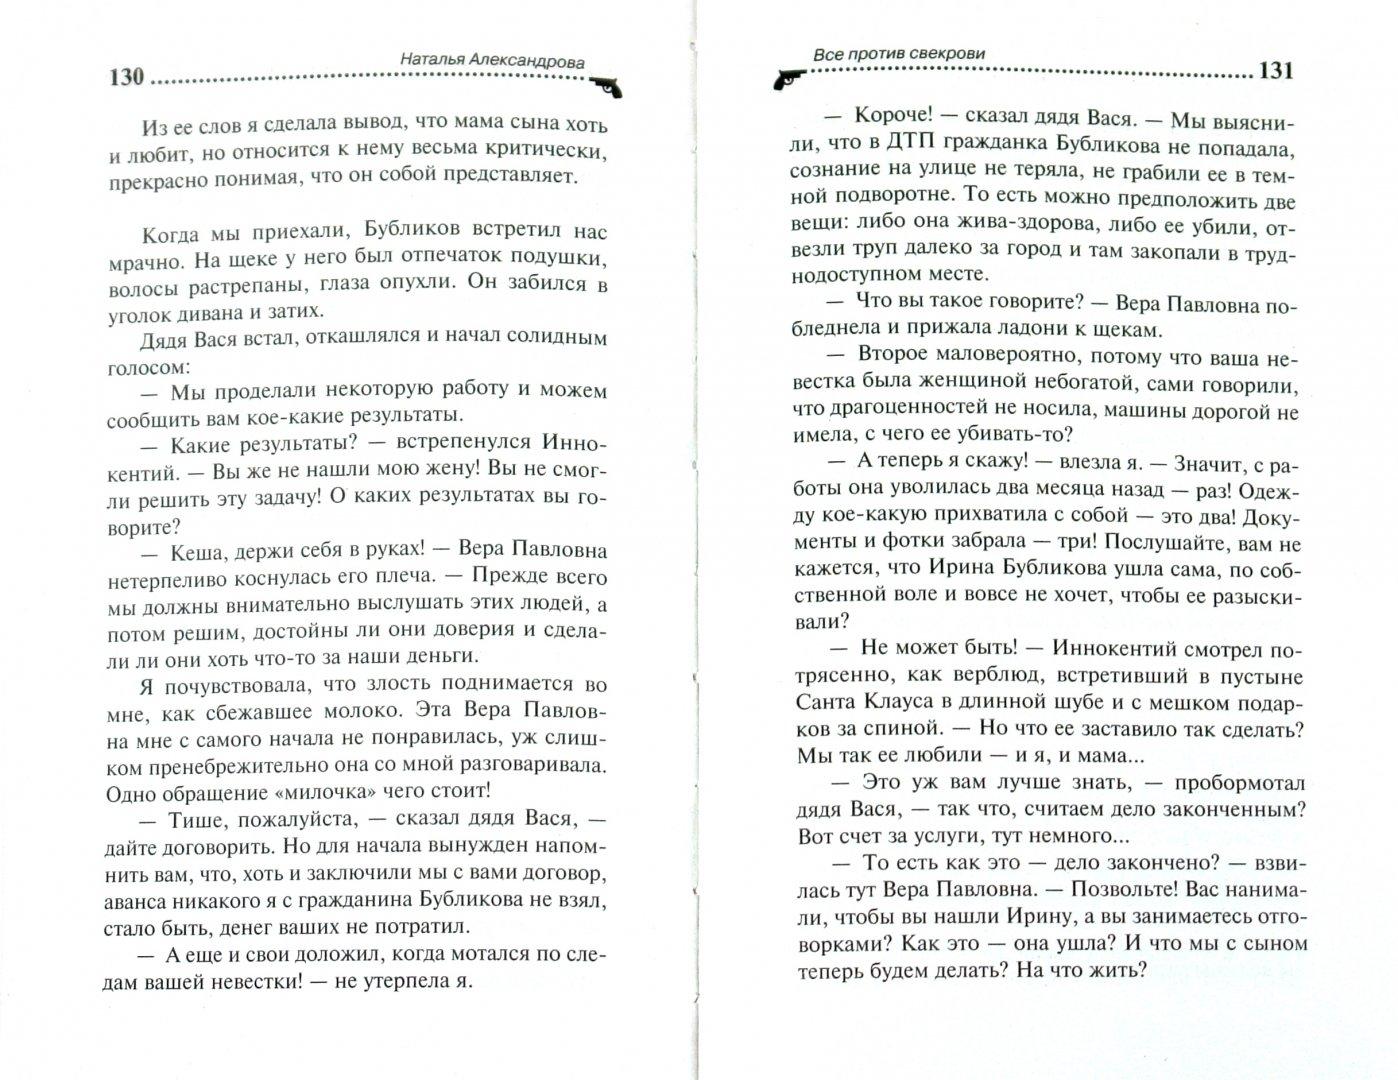 Иллюстрация 1 из 2 для Все против свекрови - Наталья Александрова | Лабиринт - книги. Источник: Лабиринт